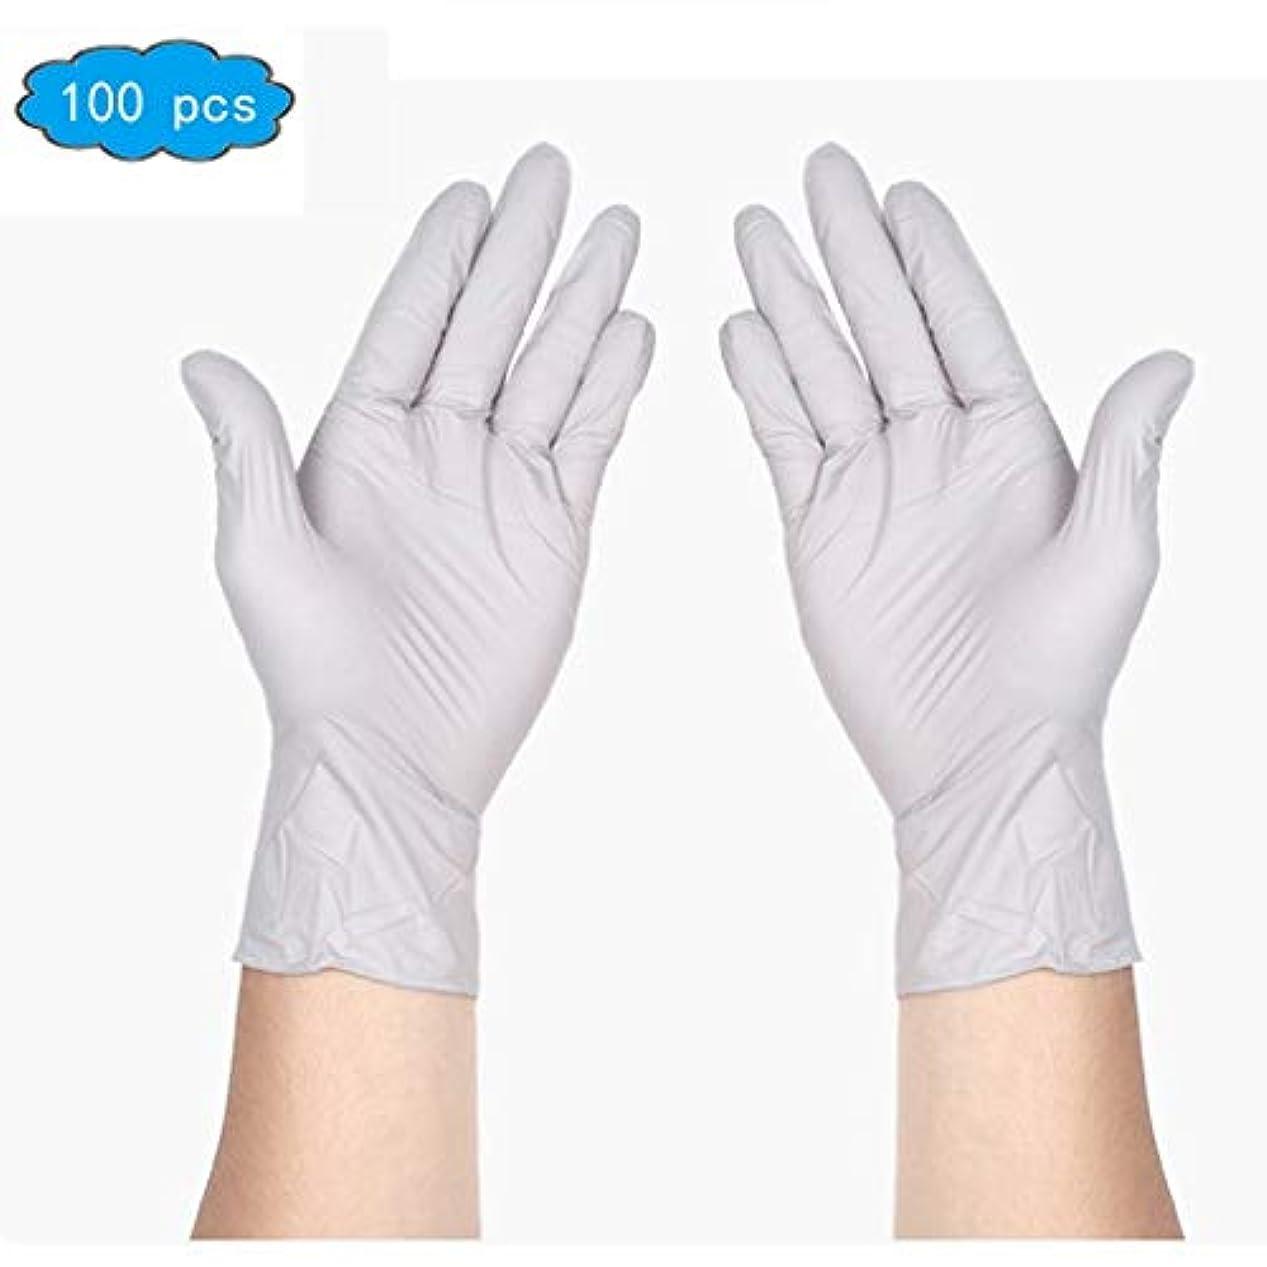 小康キャッチ微生物ニトリル試験用手袋 - 医療用グレード、パウダーフリー、ラテックスラバーフリー、使い捨て、非滅菌、食品安全、テクスチャード加工、白色、2.5ミル、便利なディスペンサー、100個入り、サニタリーグローブ (Color :...